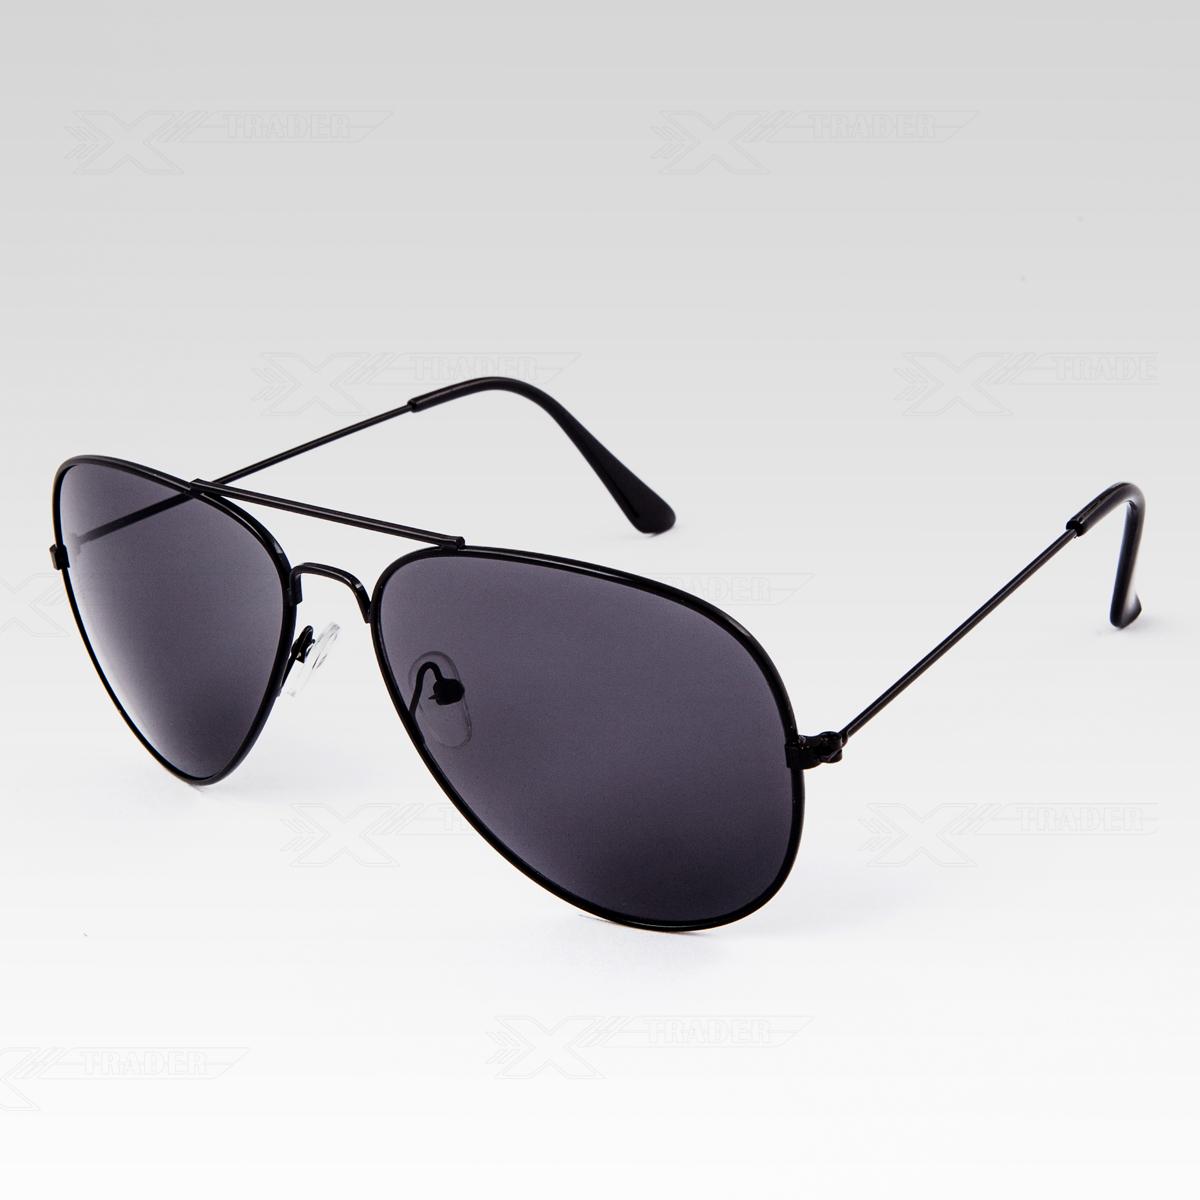 Sluneční brýle Pilotky černé obroučky černé